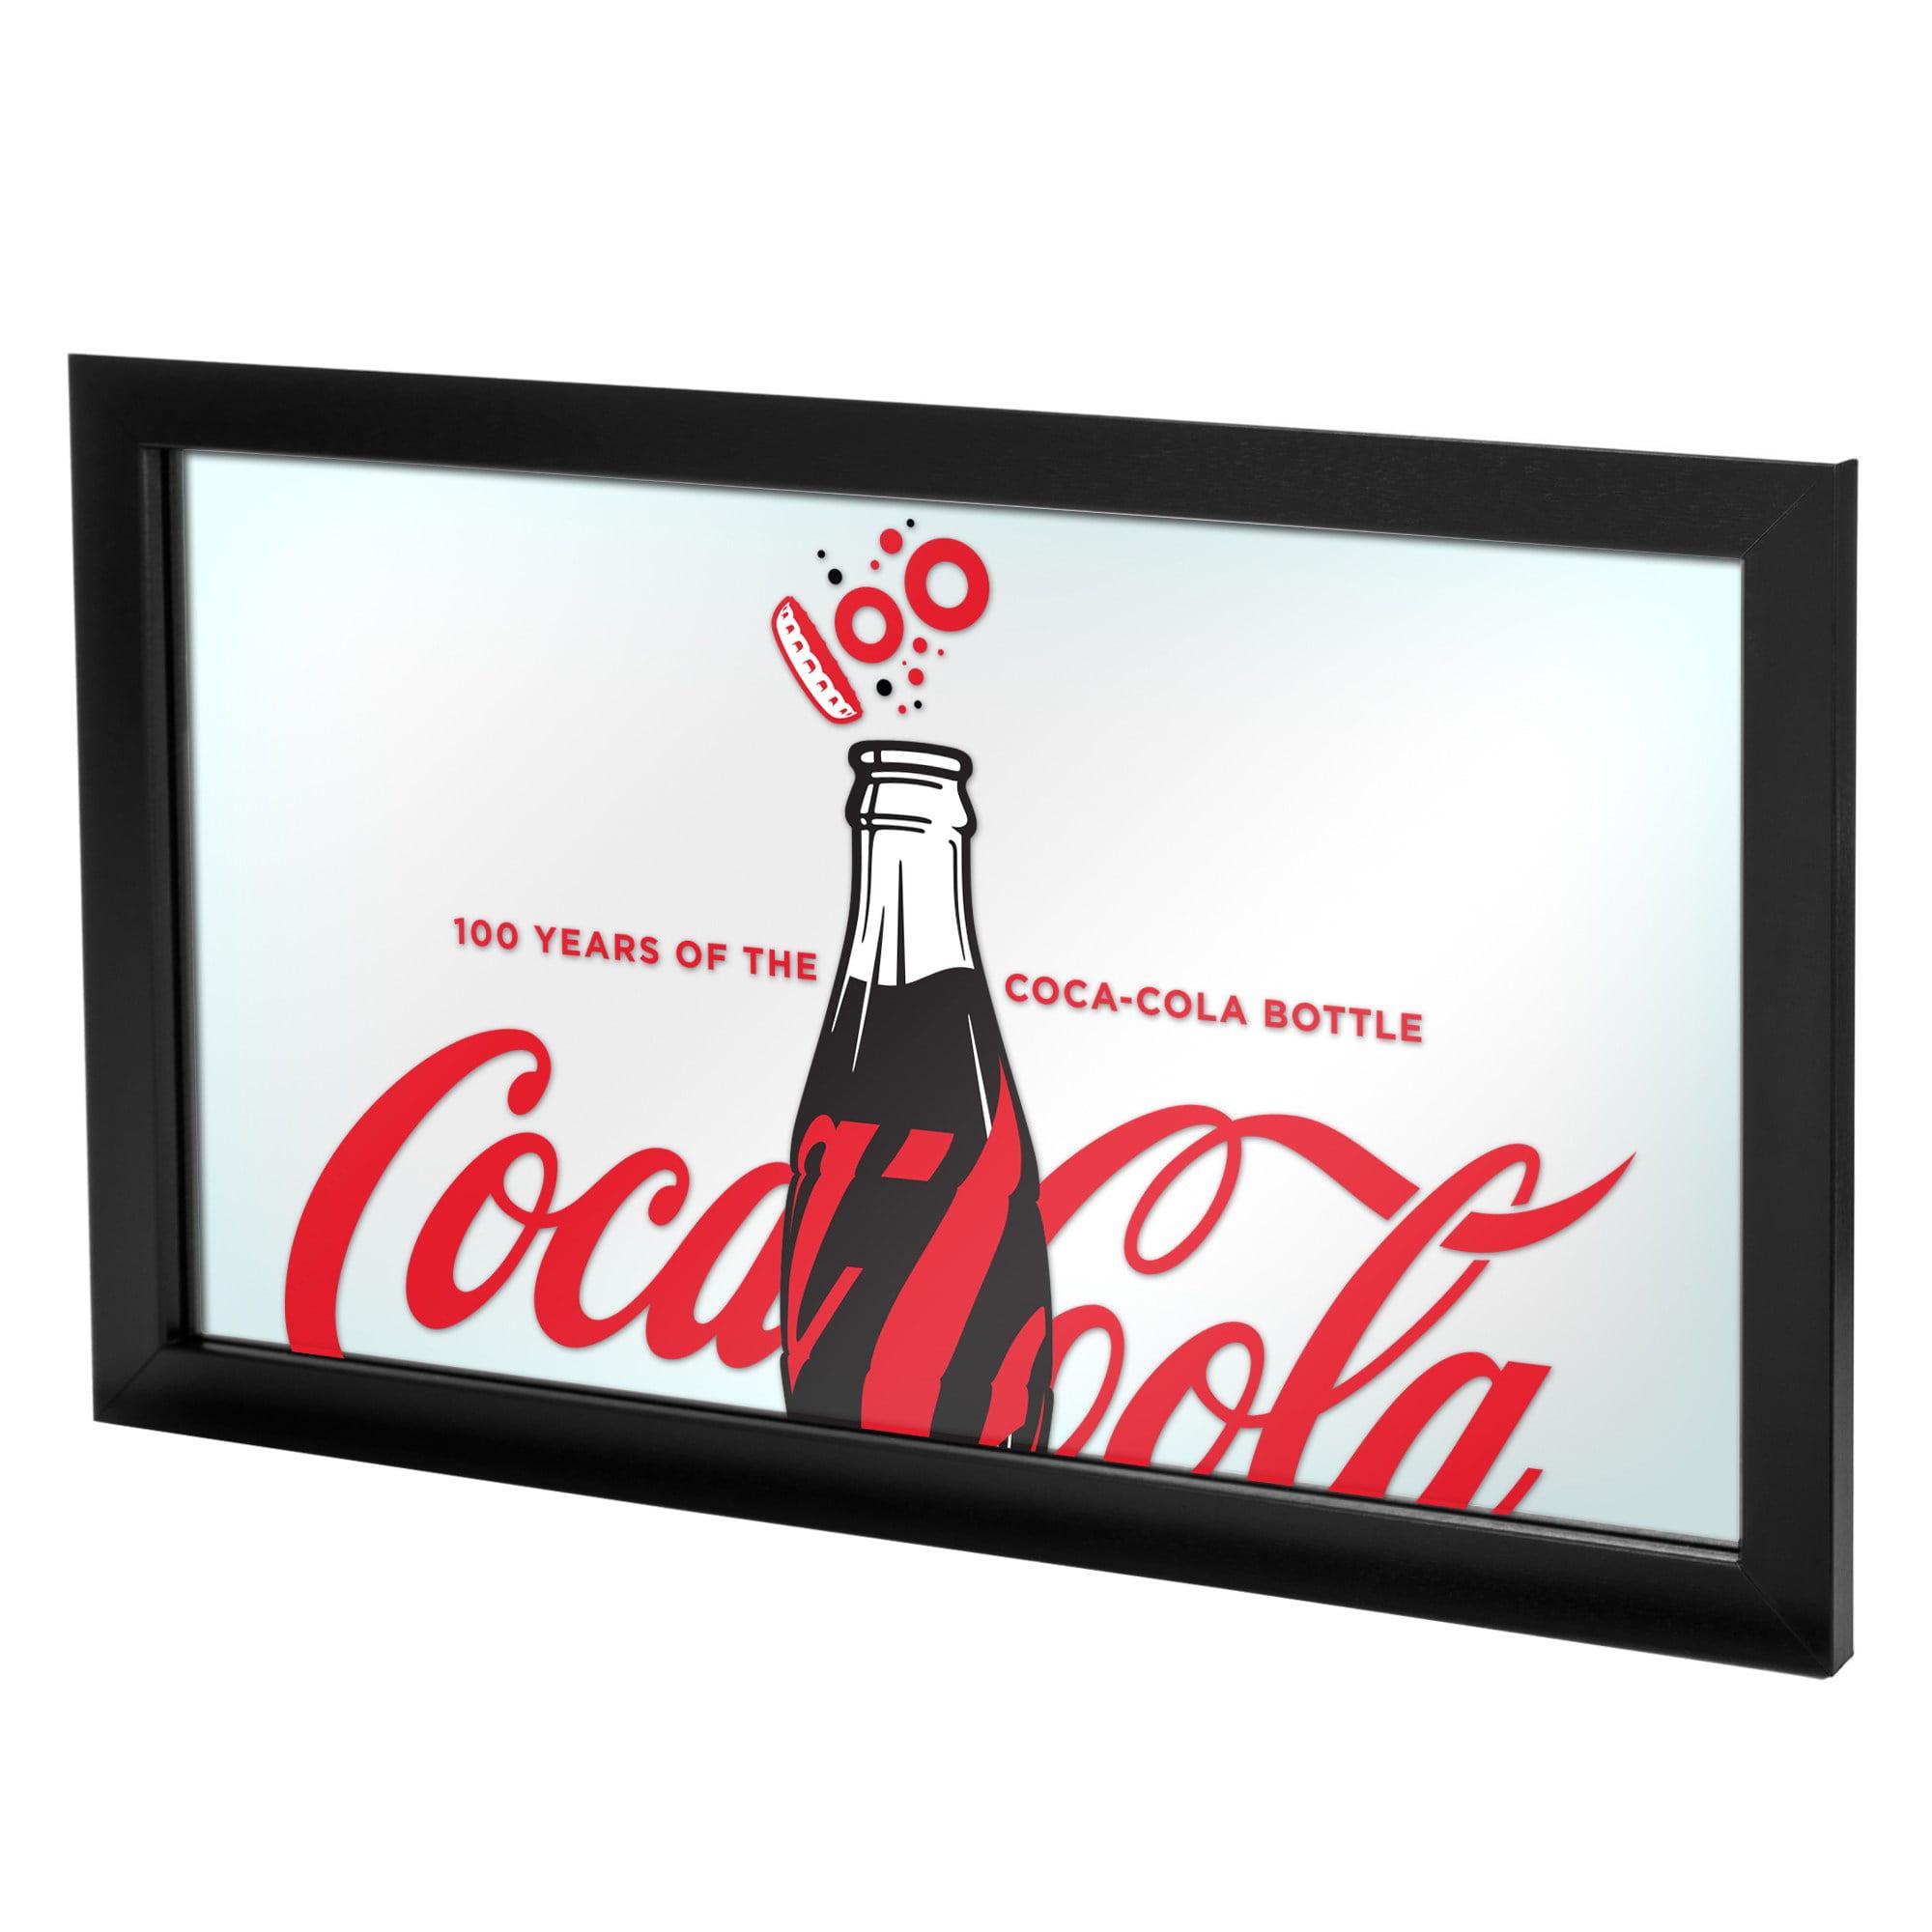 Coca-Cola License Plate Mirrored NEW